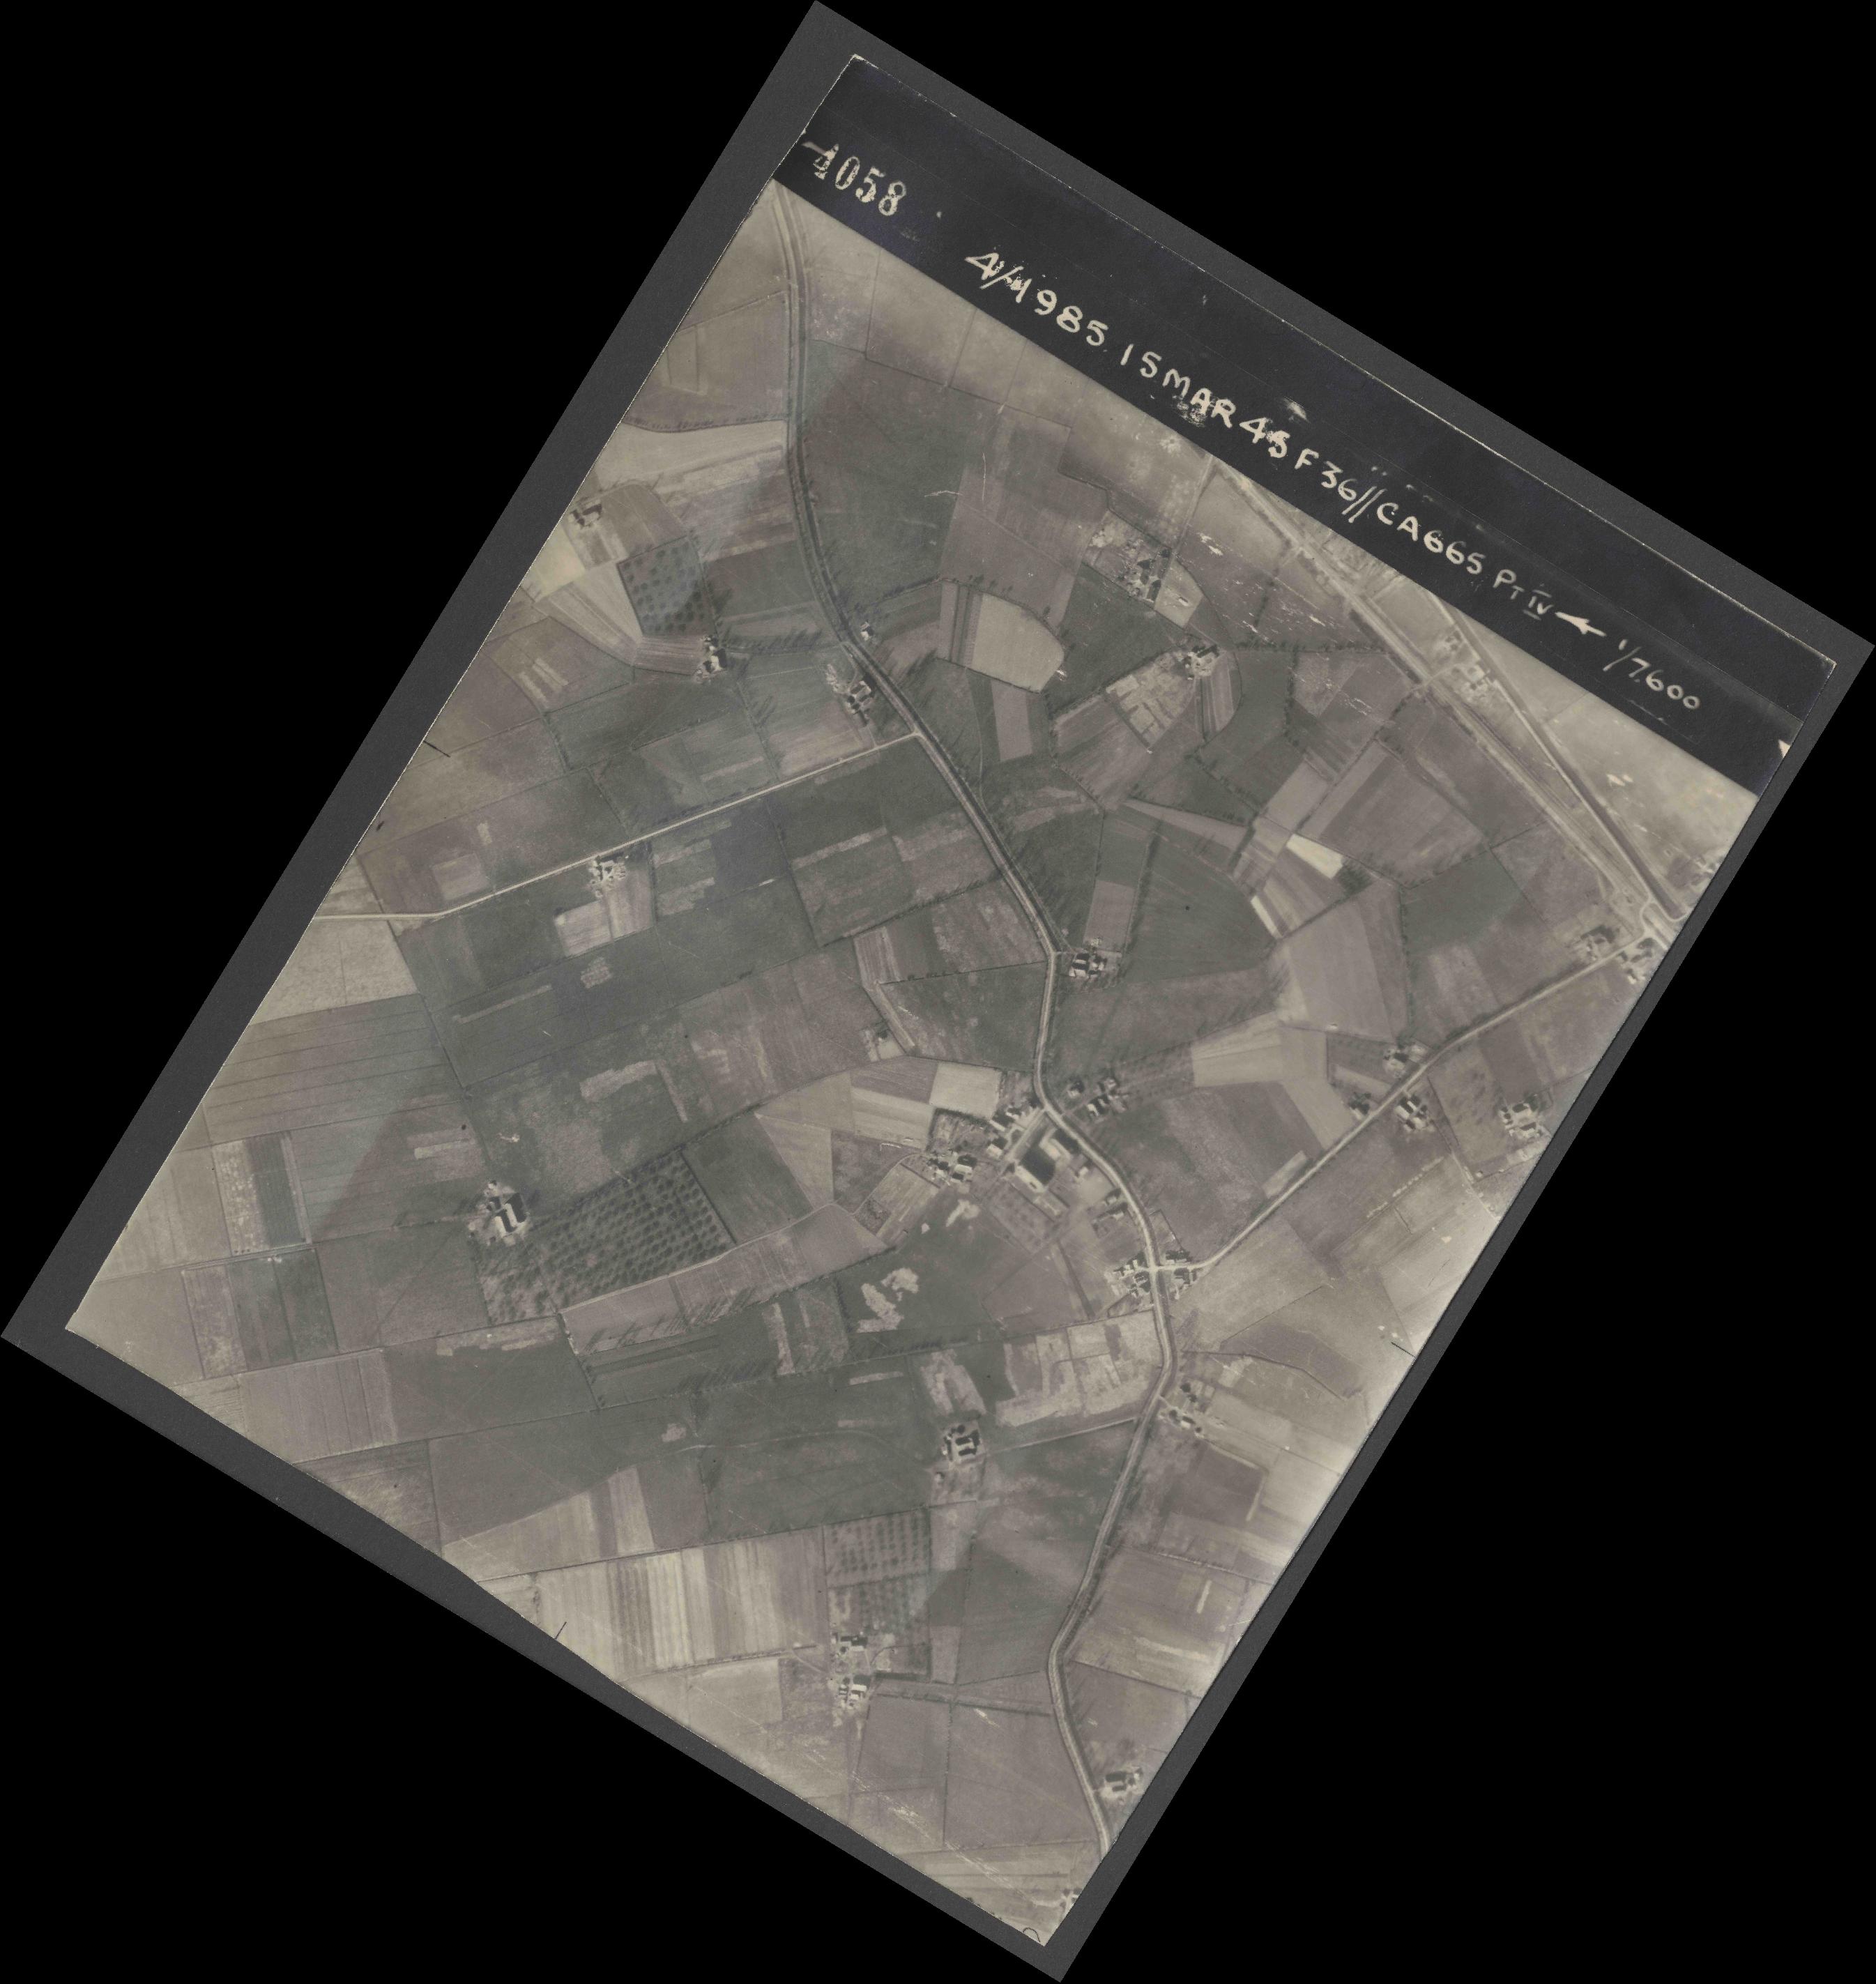 Collection RAF aerial photos 1940-1945 - flight 059, run 03, photo 4058